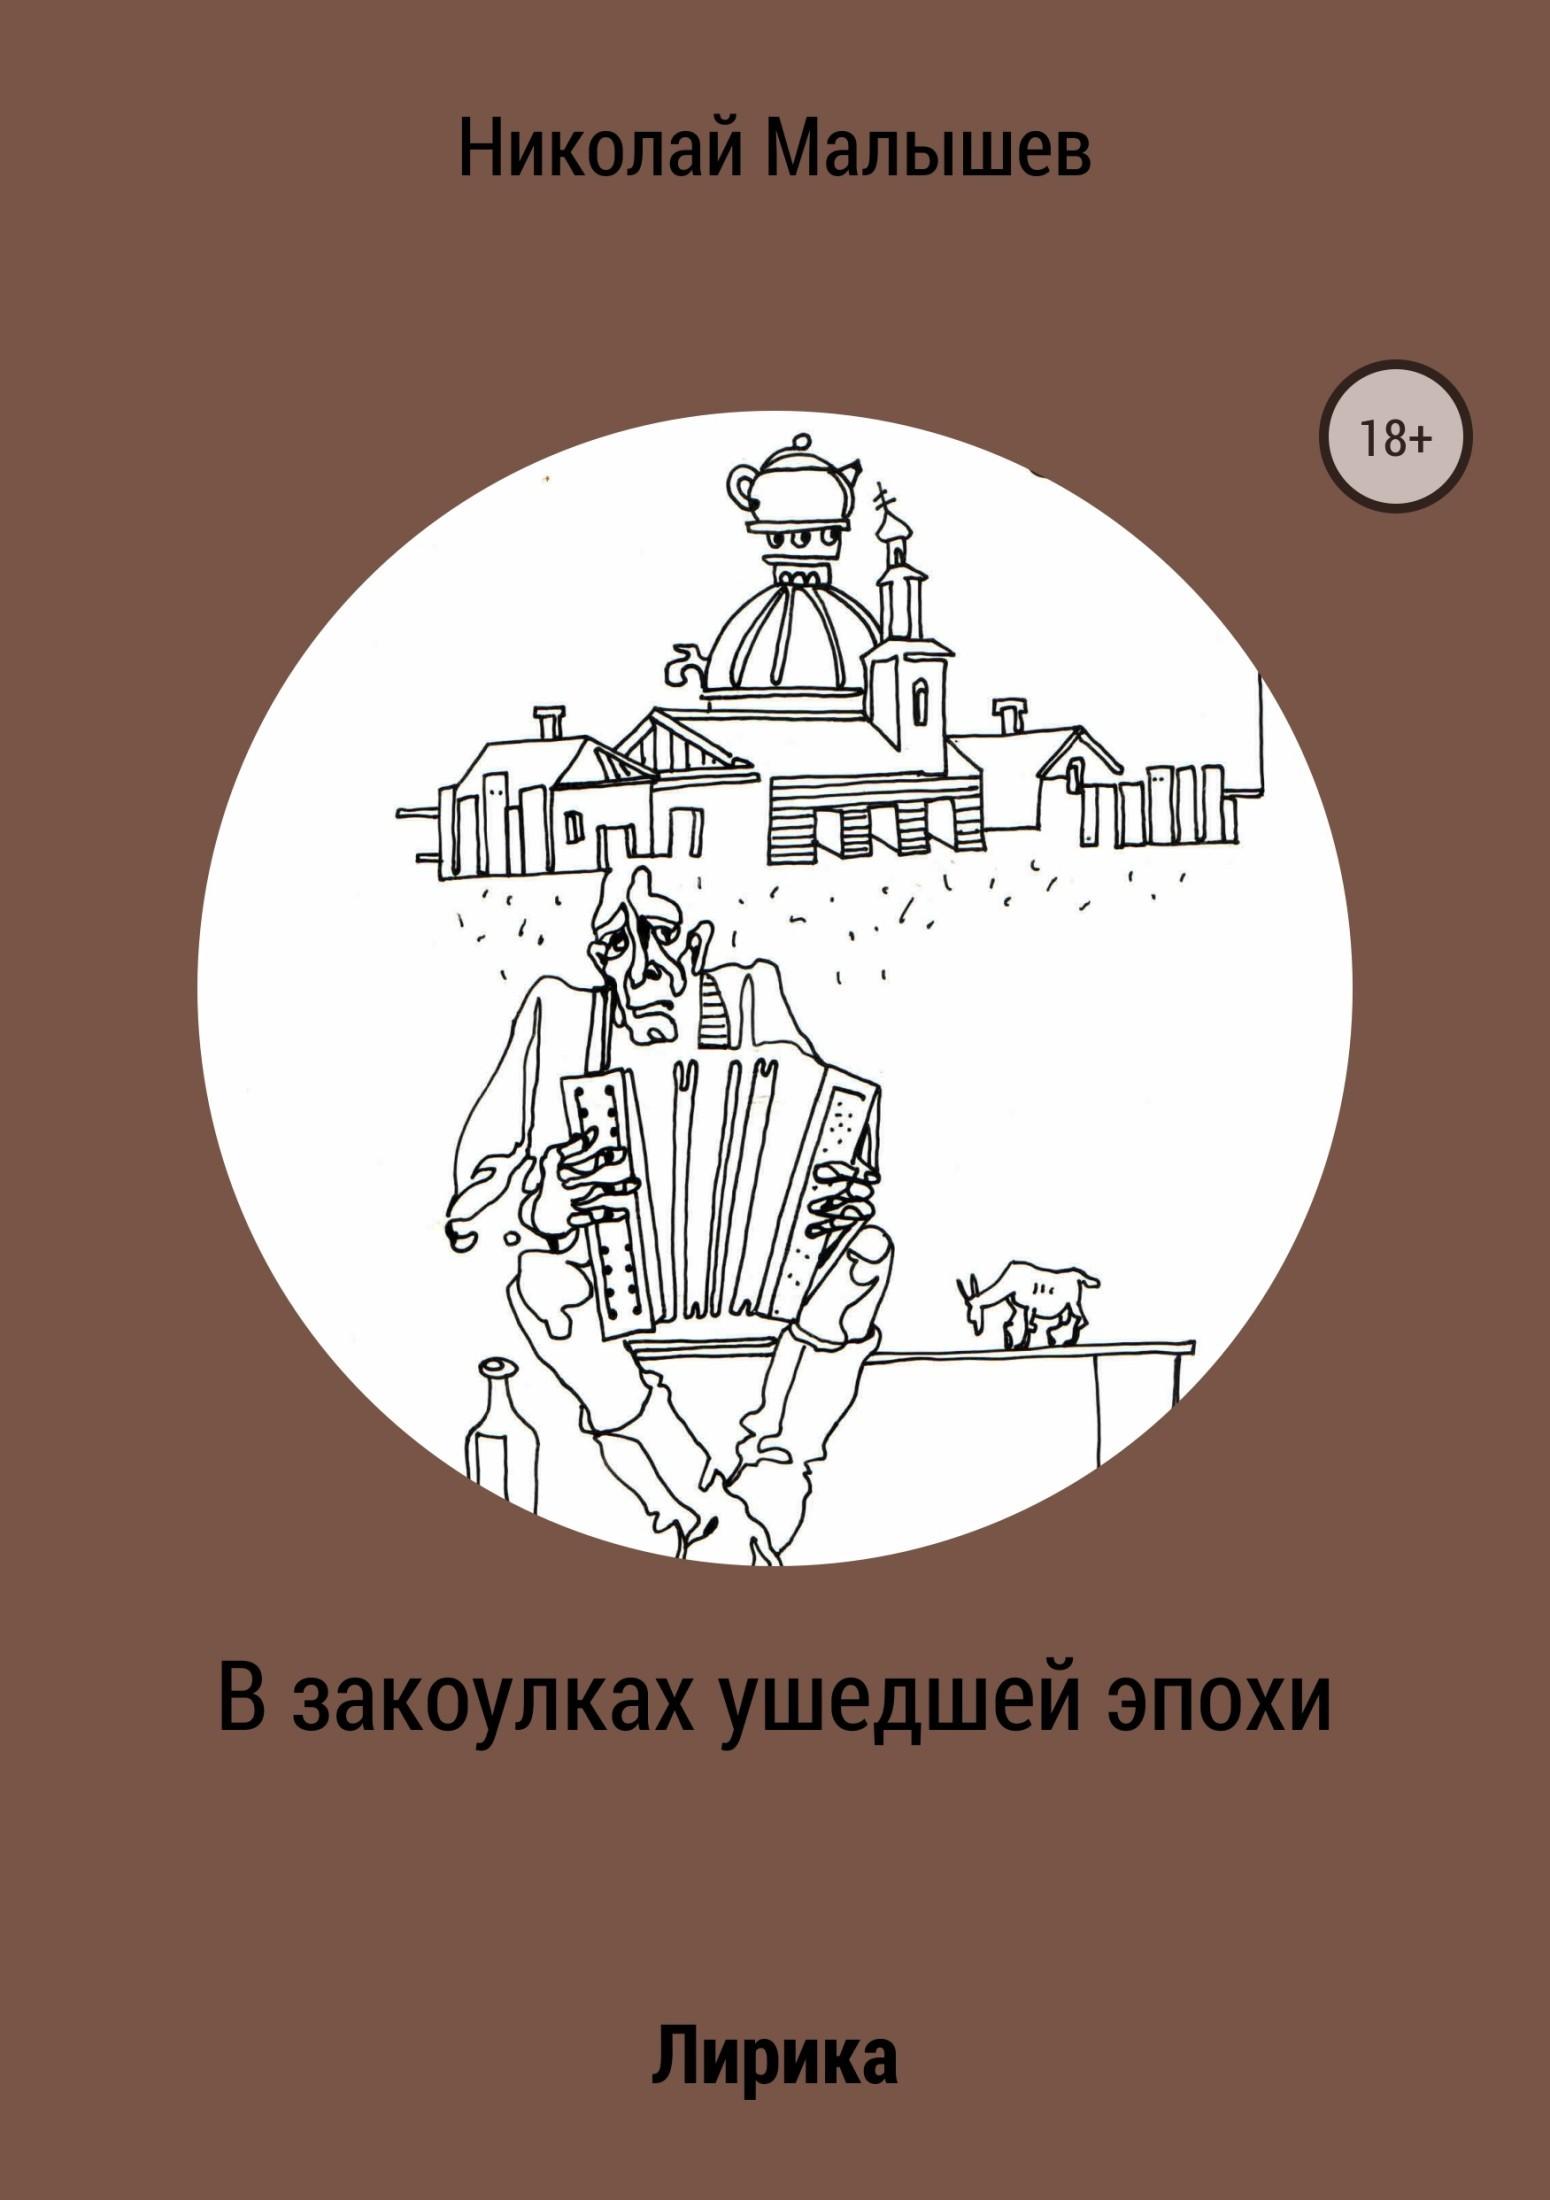 Николай Евгеньевич Малышев. В закоулках ушедшей эпохи